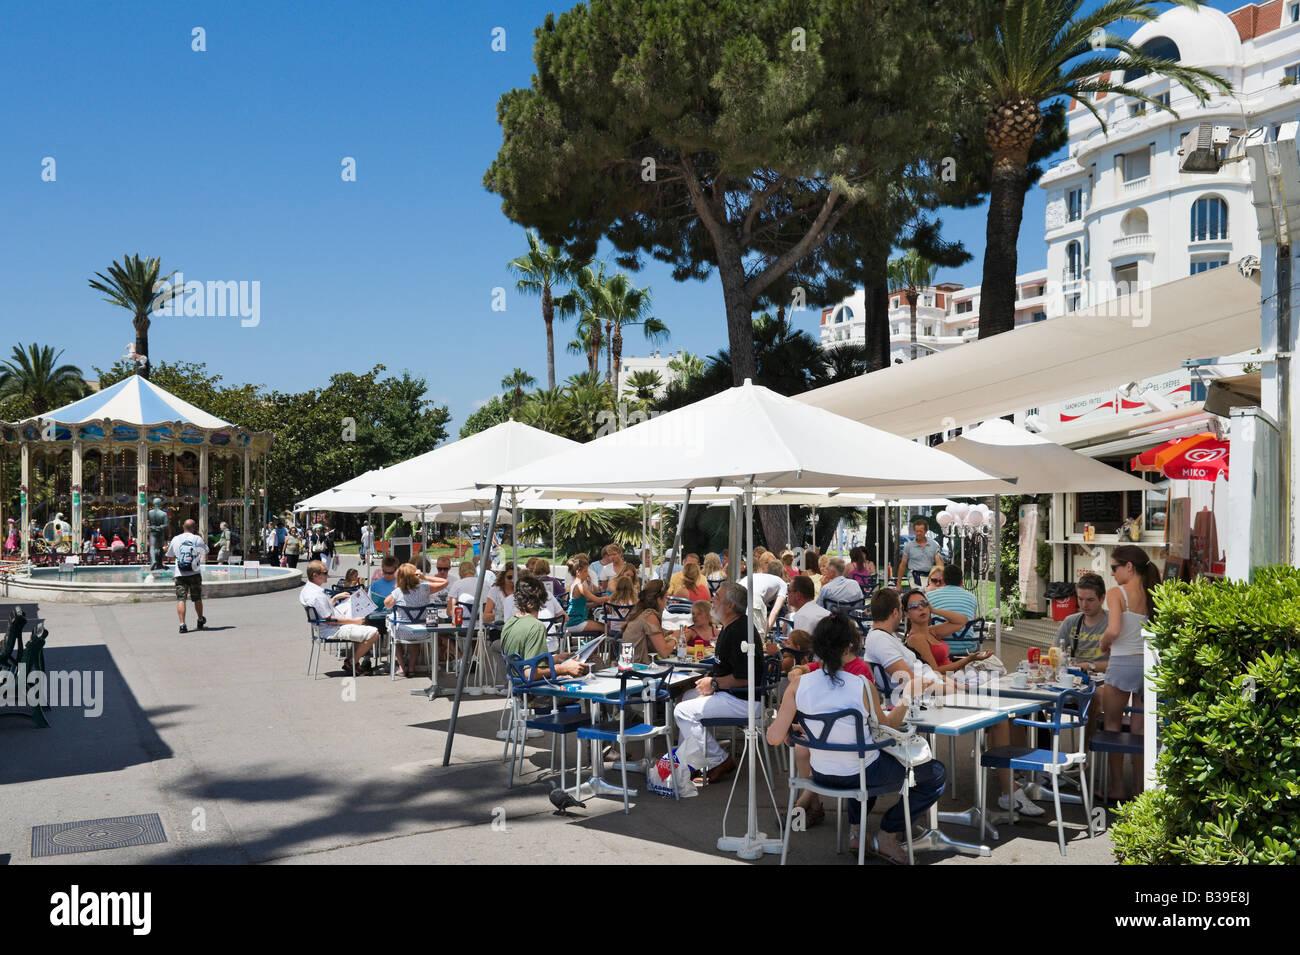 Cafe on the Promenade de la Croisette, Cannes, Cote d'Azur, Provence, France - Stock Image